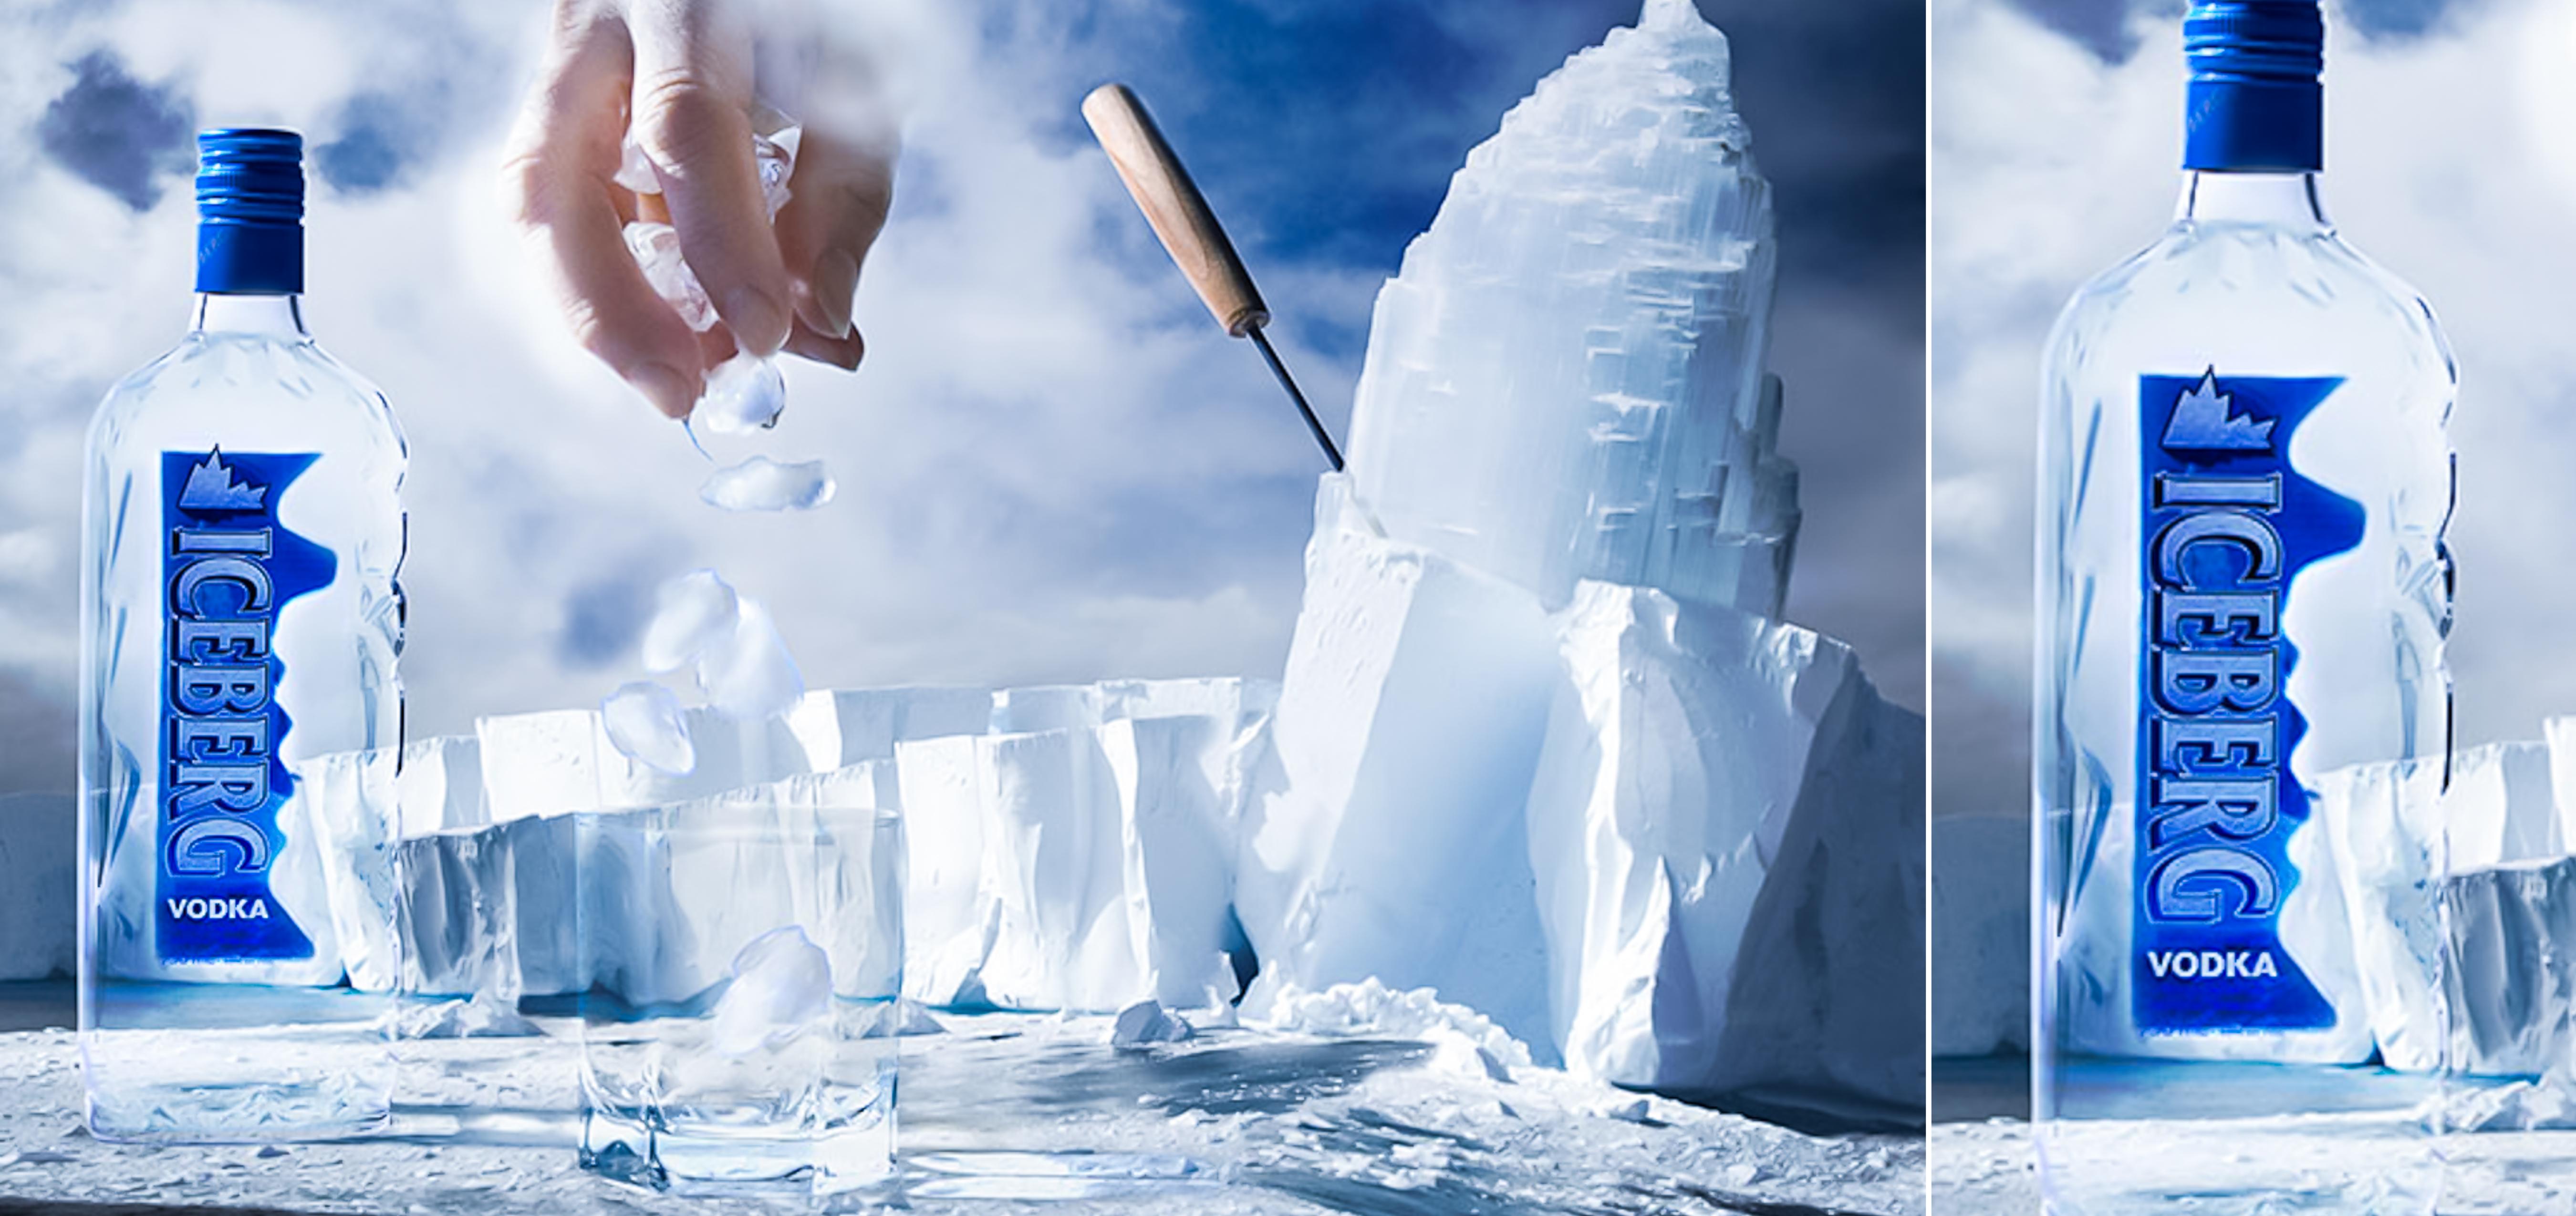 Produits_Iceberg_Vodka